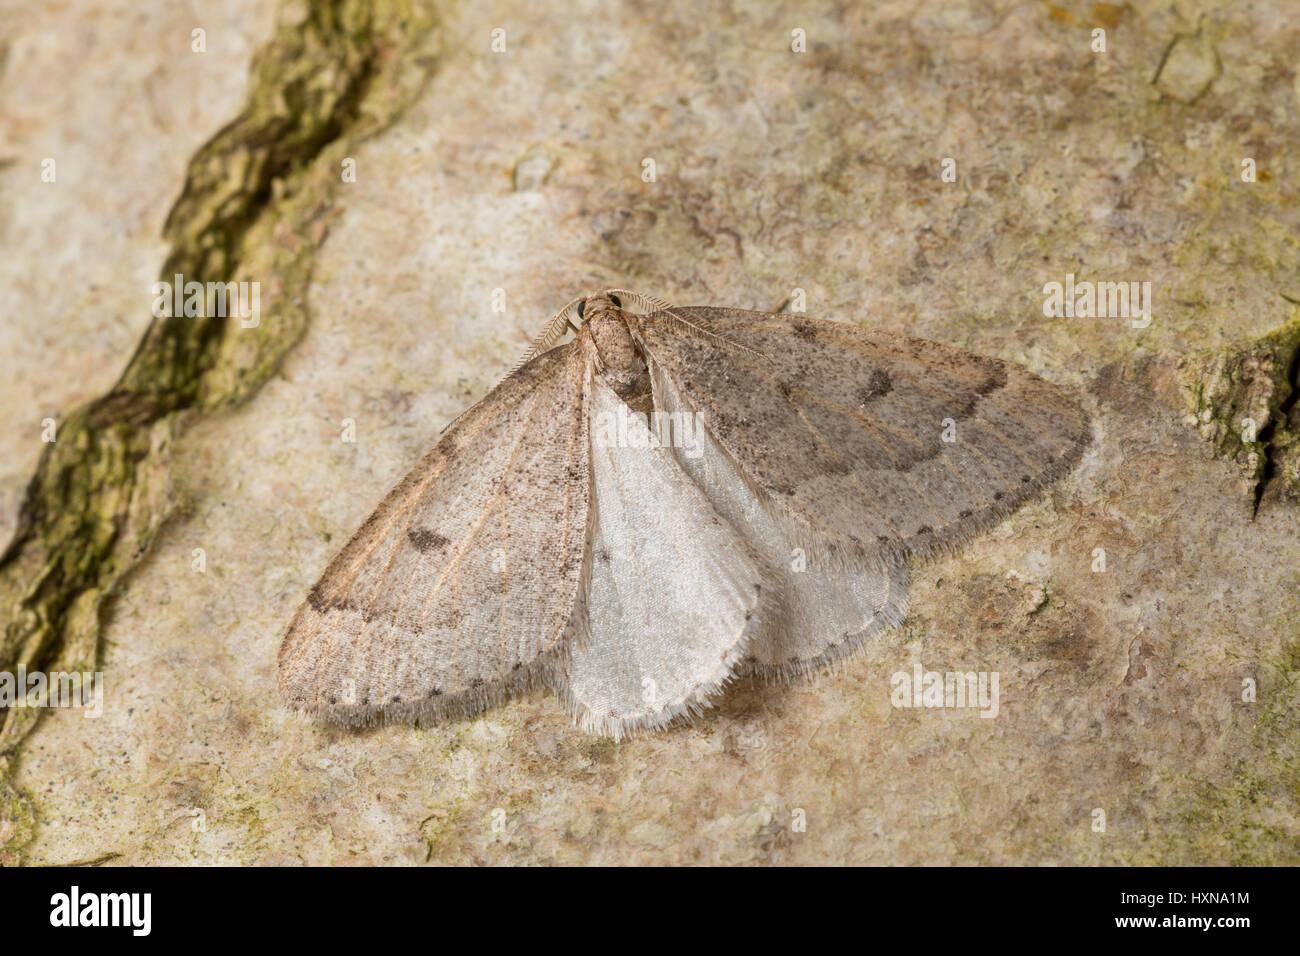 Später Schlehenbusch-Winterspanner, Später Schlehenbuschwinterspanner, Männchen, Theria rupicapraria, - Stock Image